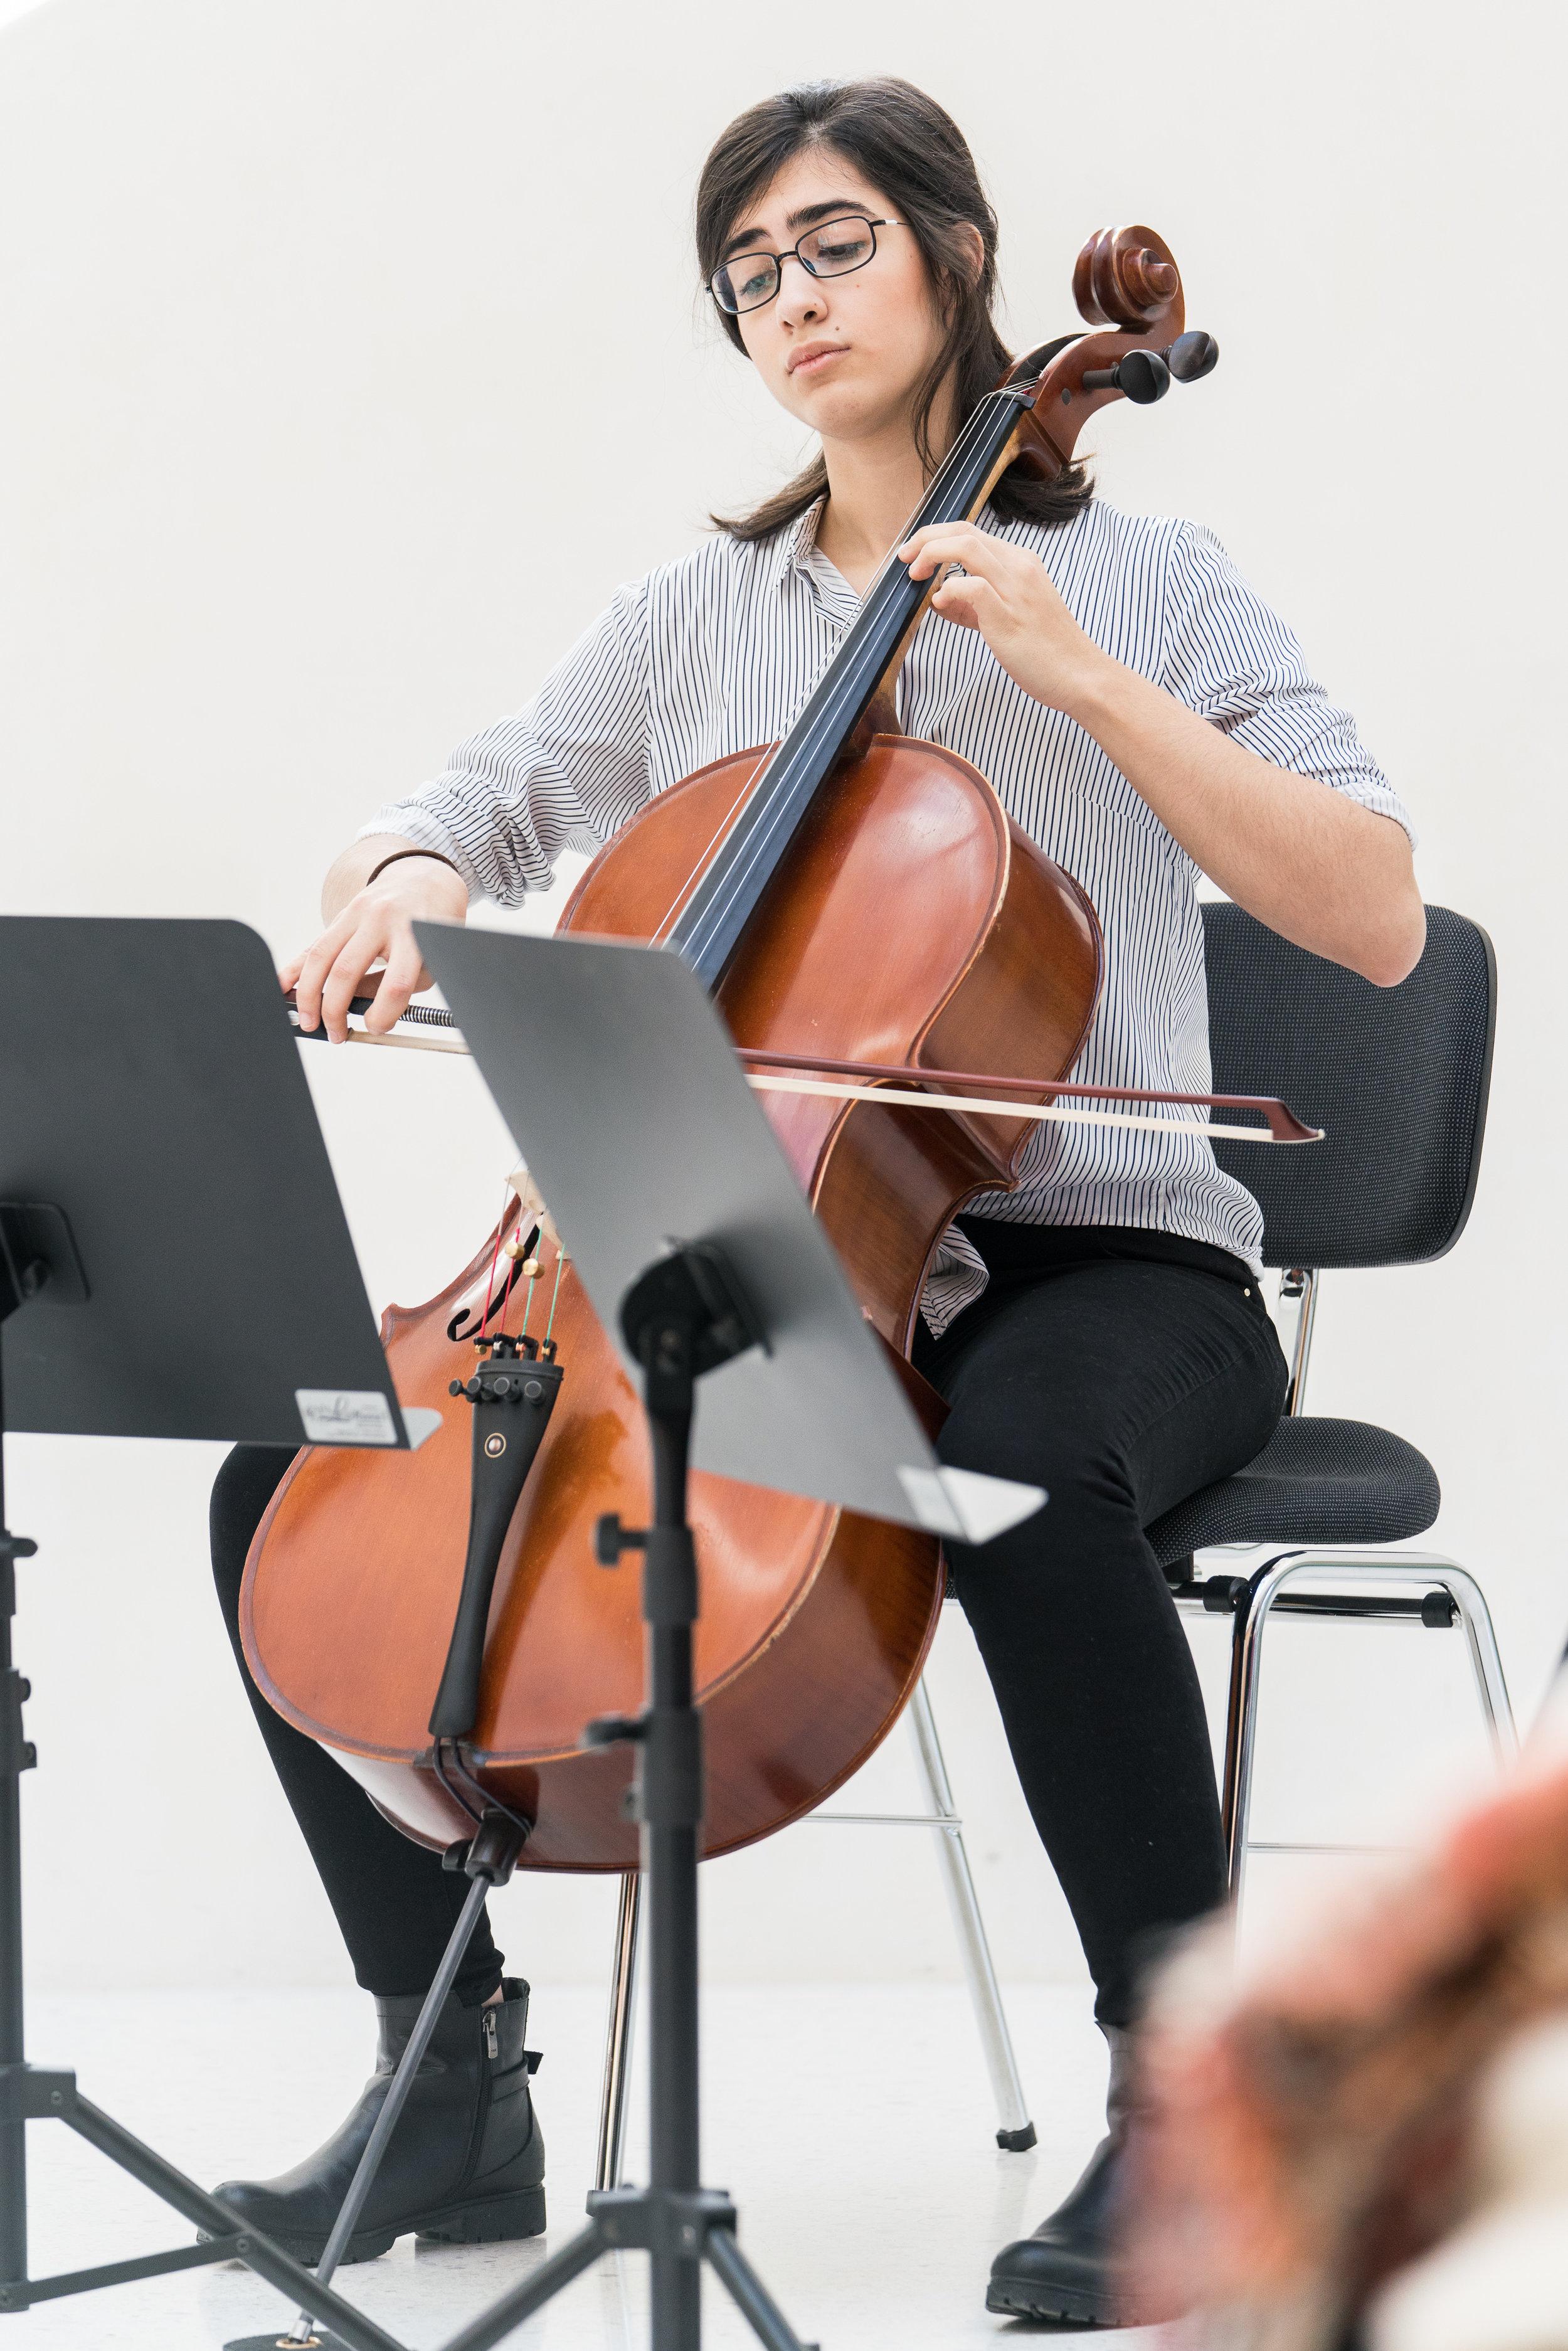 Konzert am Mittag - Cello20180206_004-036.jpg